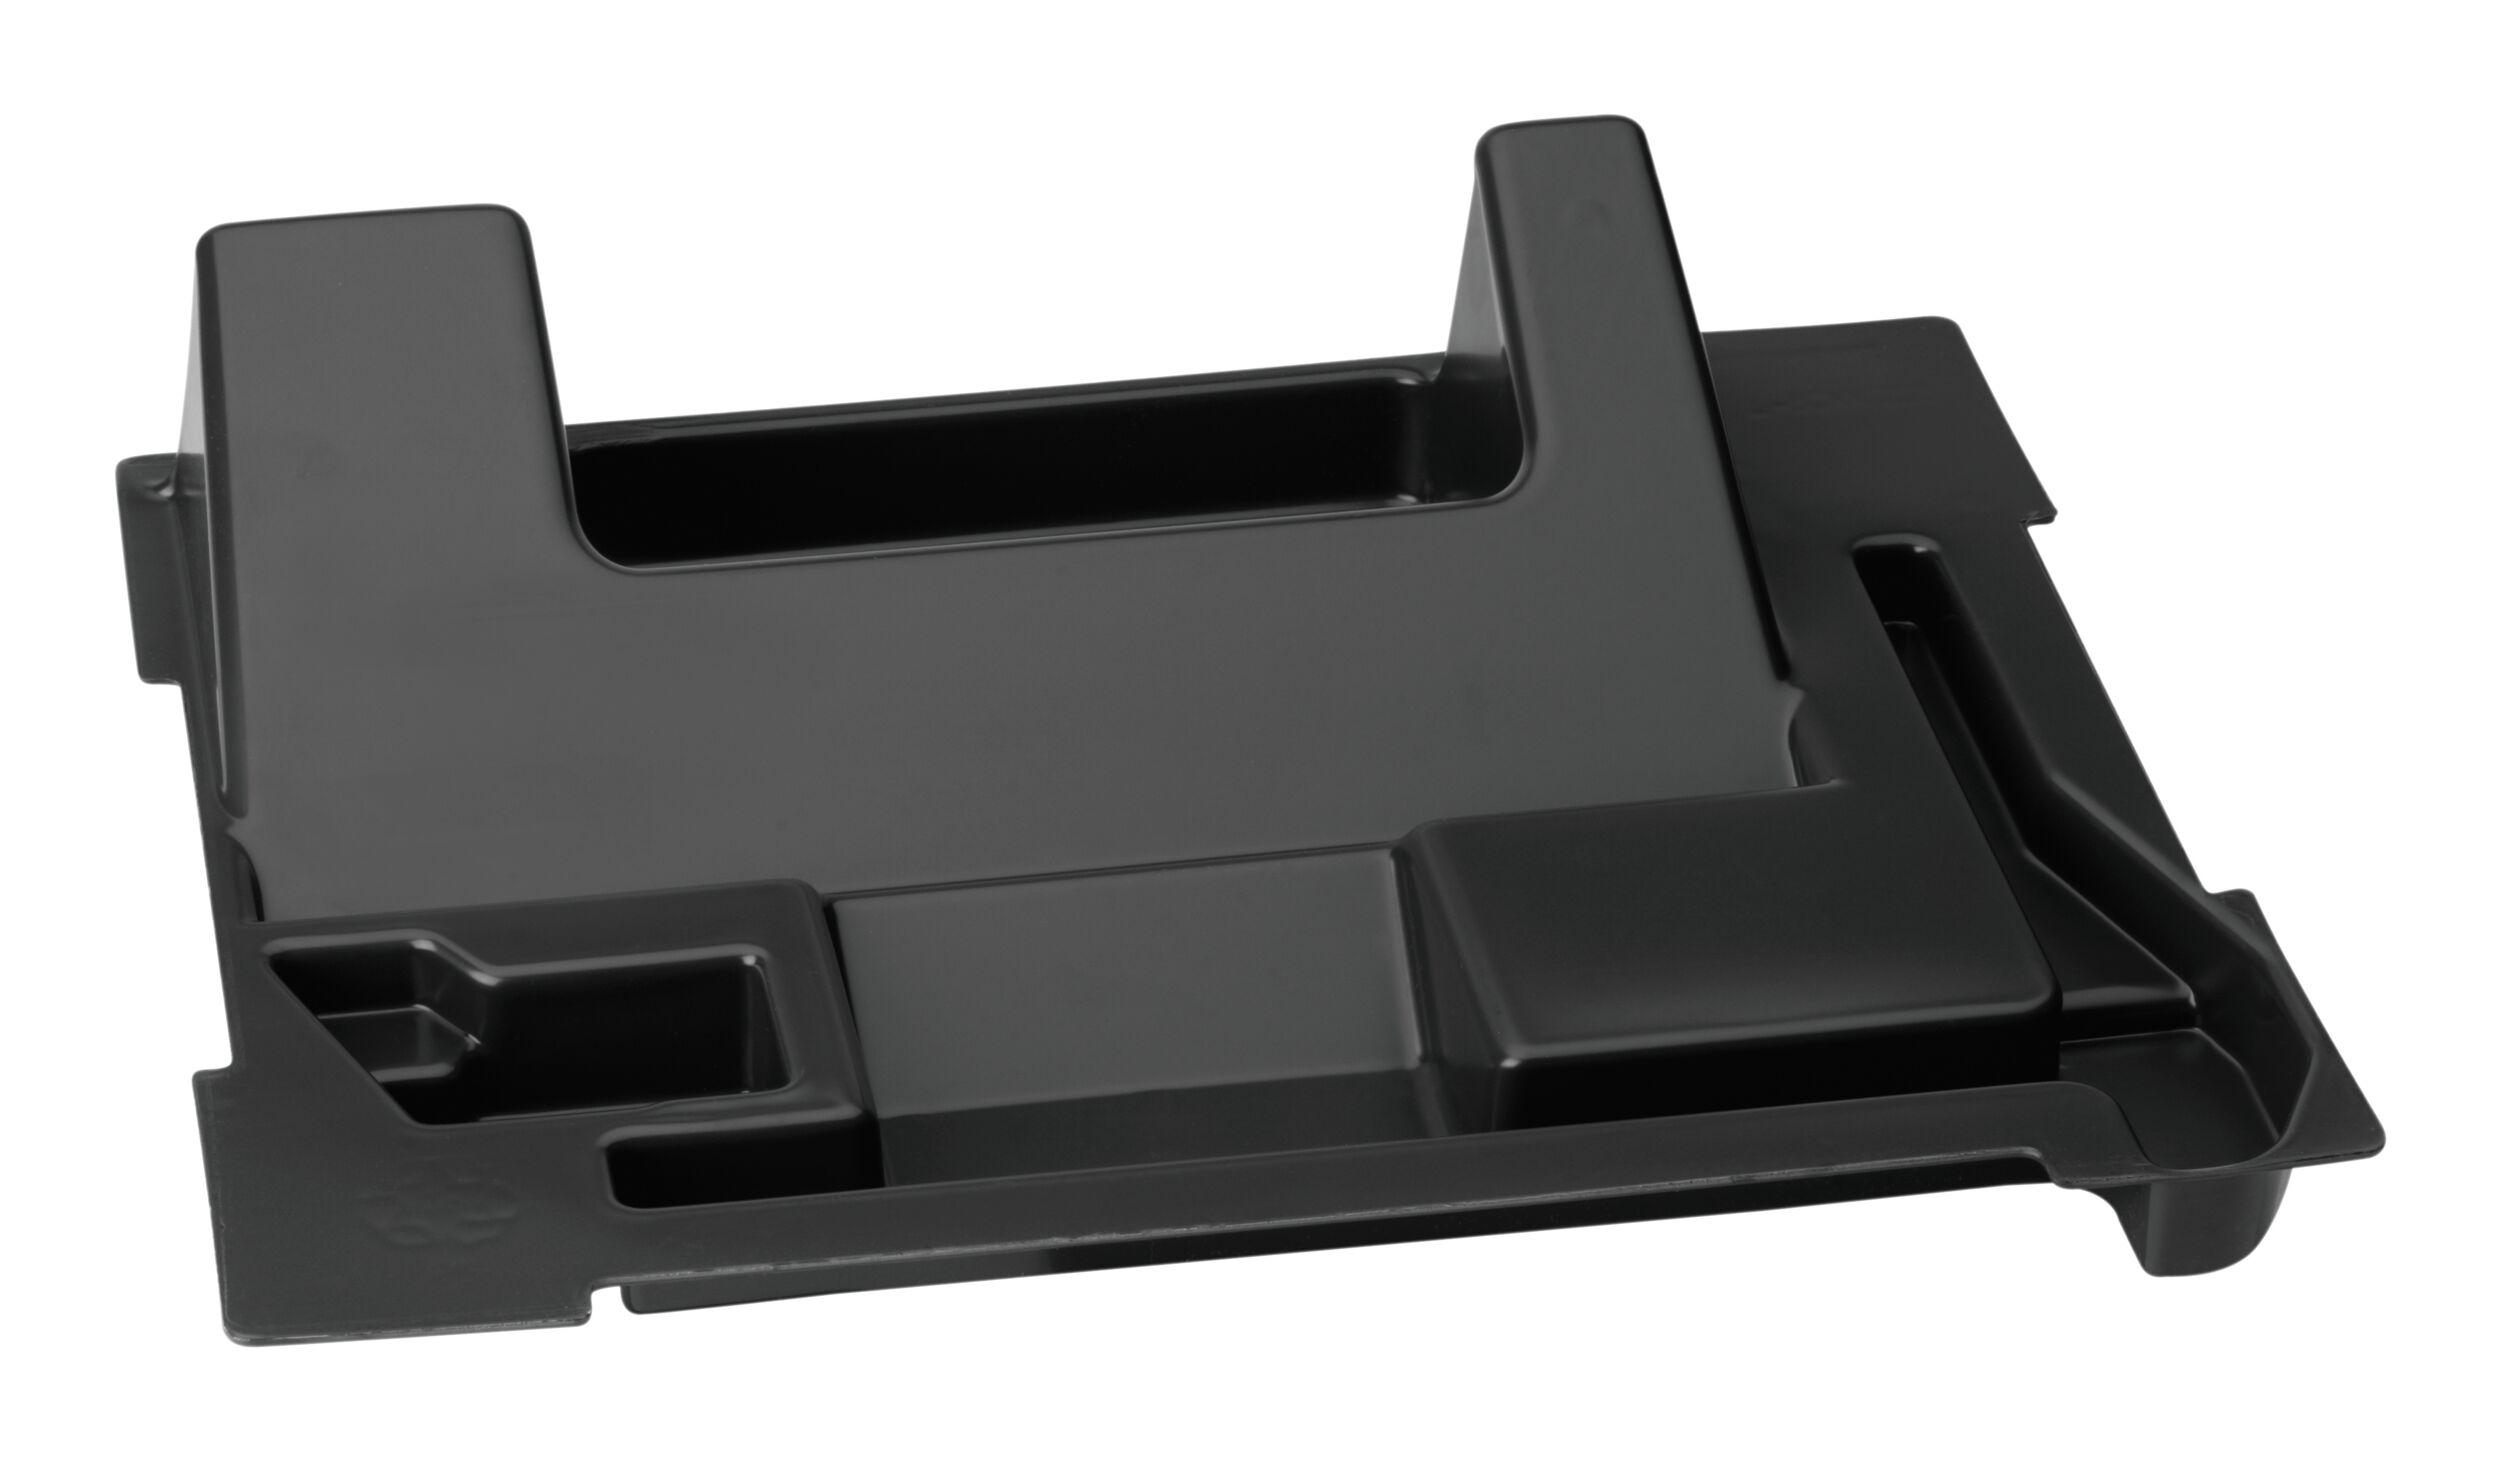 Blau Professional Einlage zur Werkzeugaufbewahrung für GKS 65 - 1600A002V9